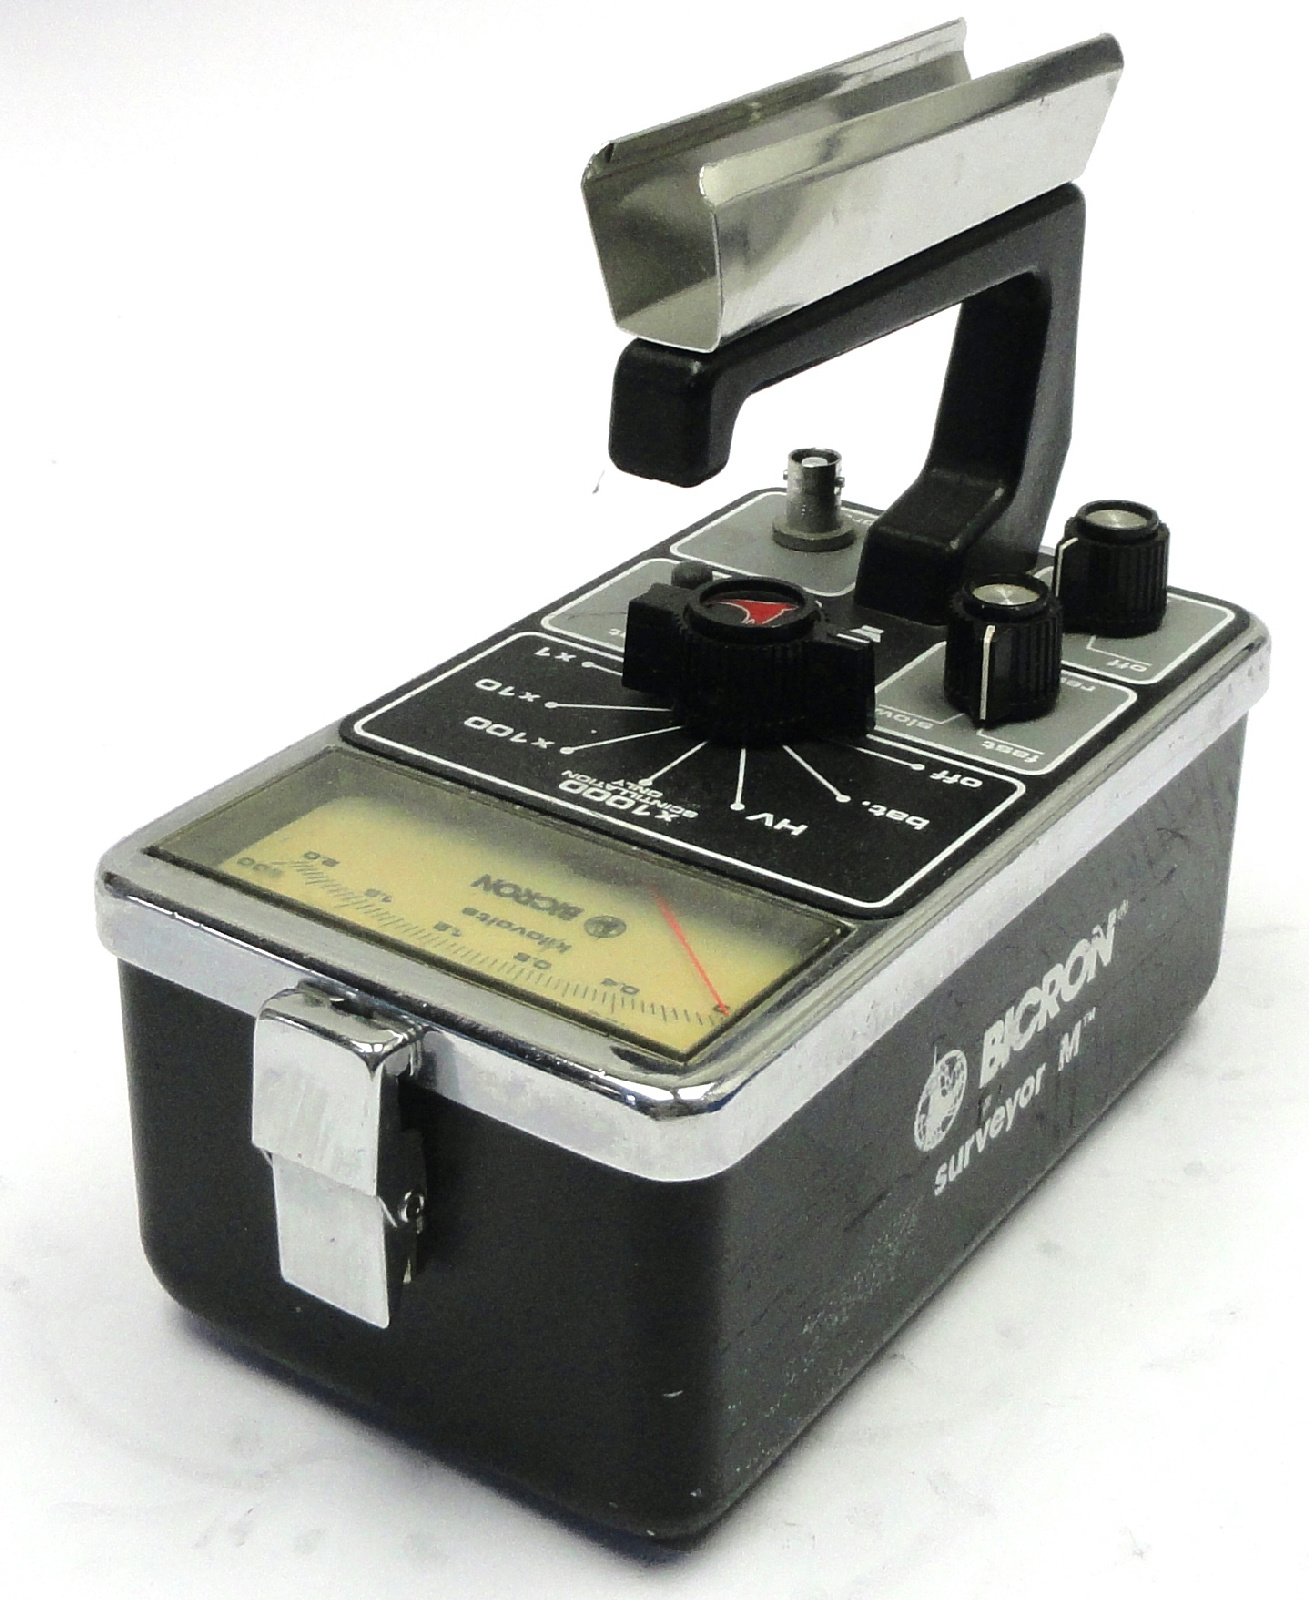 Bicron Surveyor MS || Radiation Meter Geiger Counter